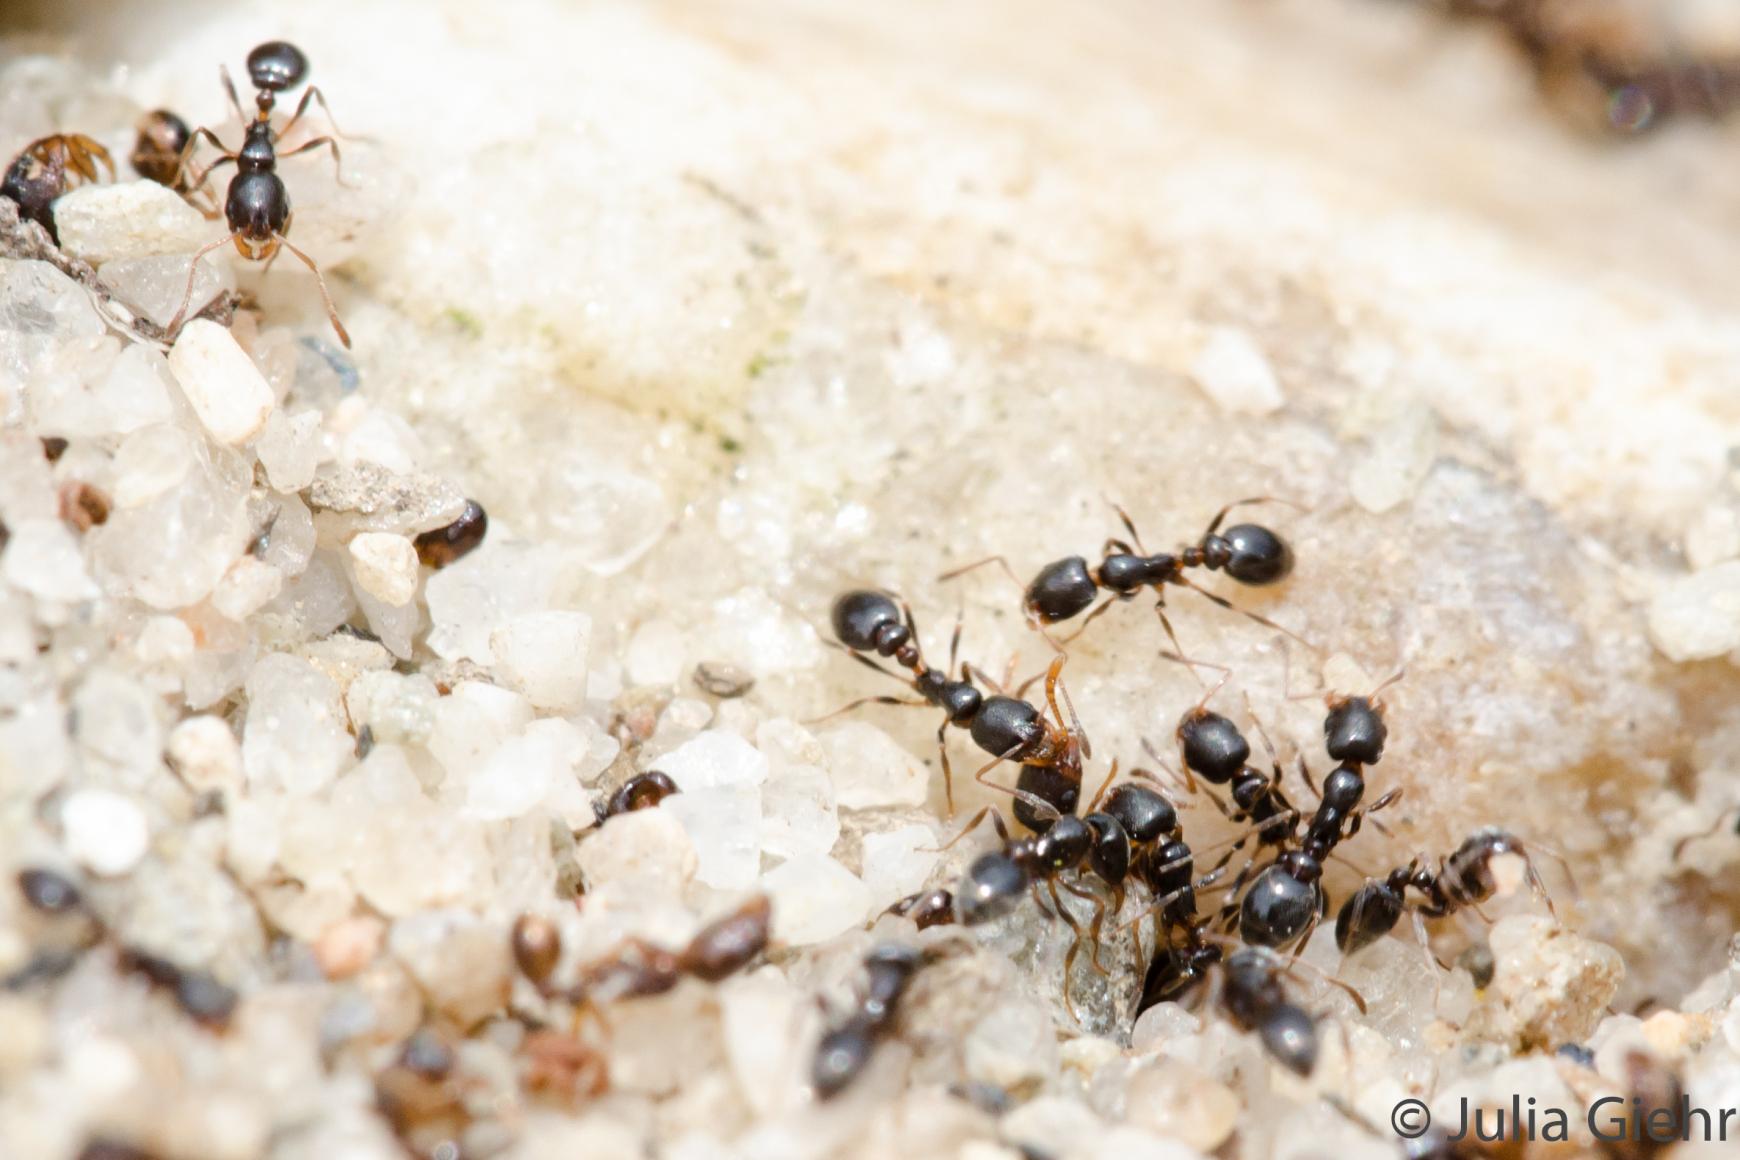 Ameisen der untersuchten Art